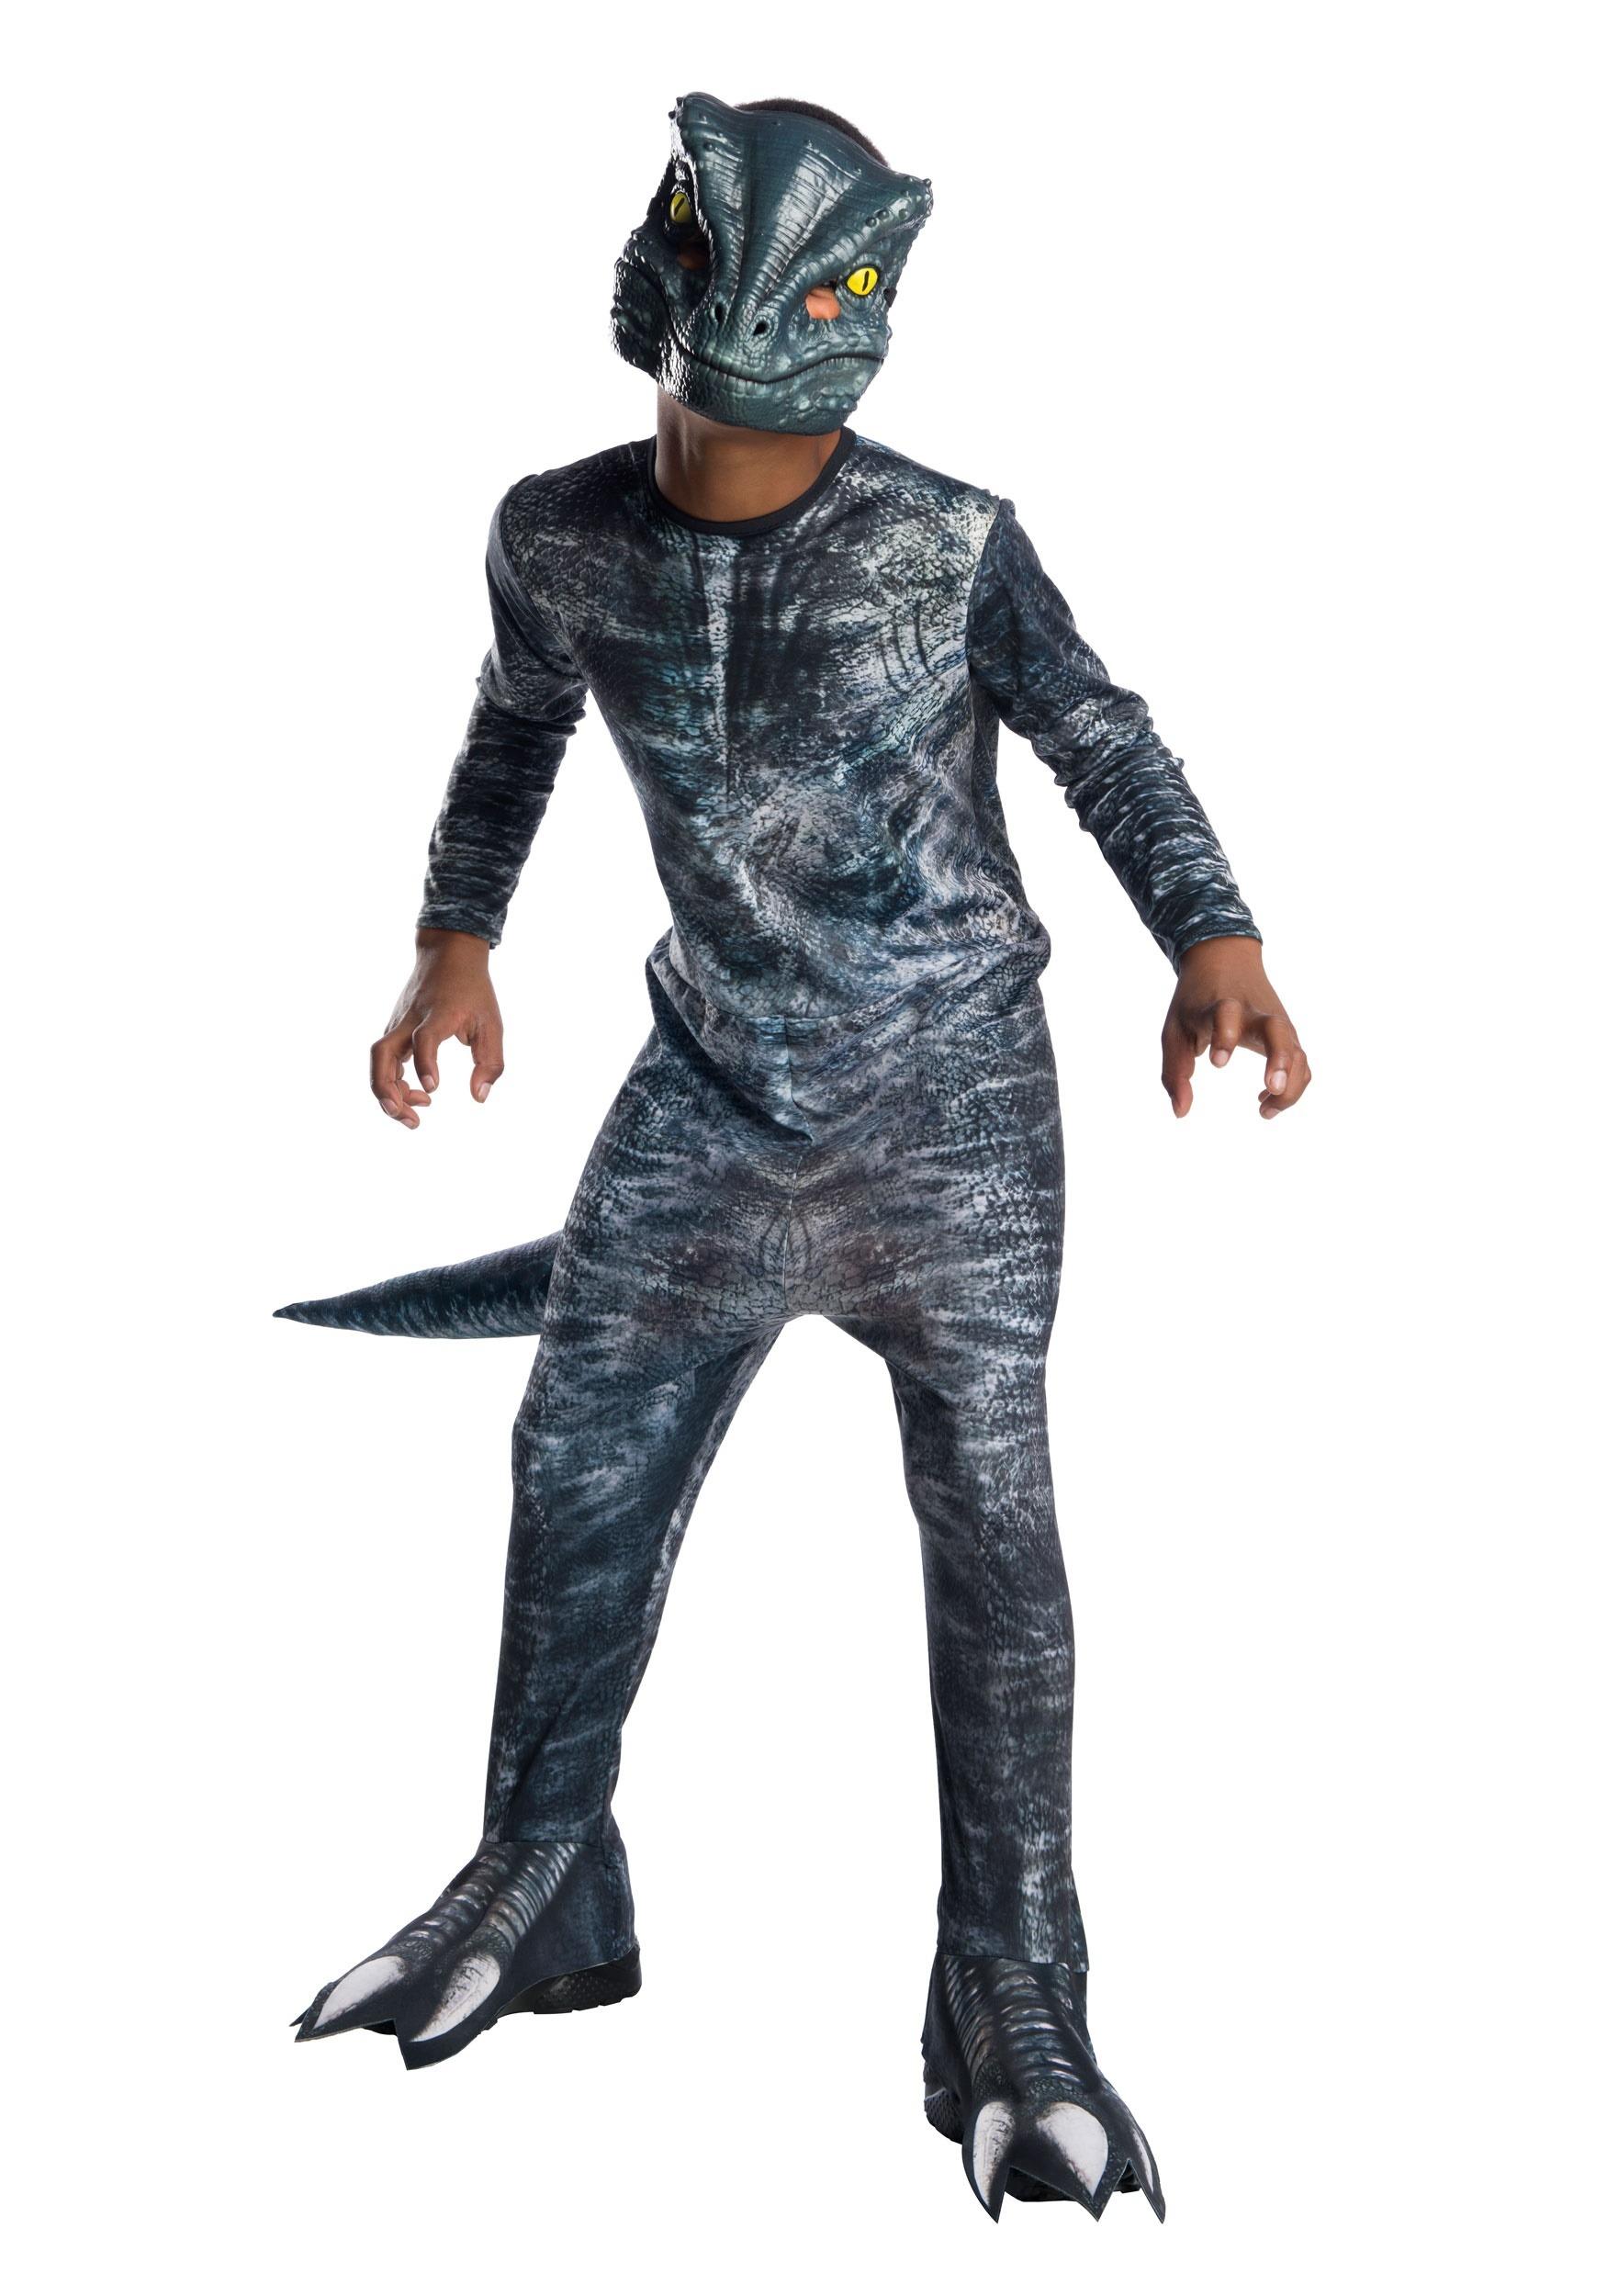 Jurassic World 2 Blue Velociraptor Costume For Kids